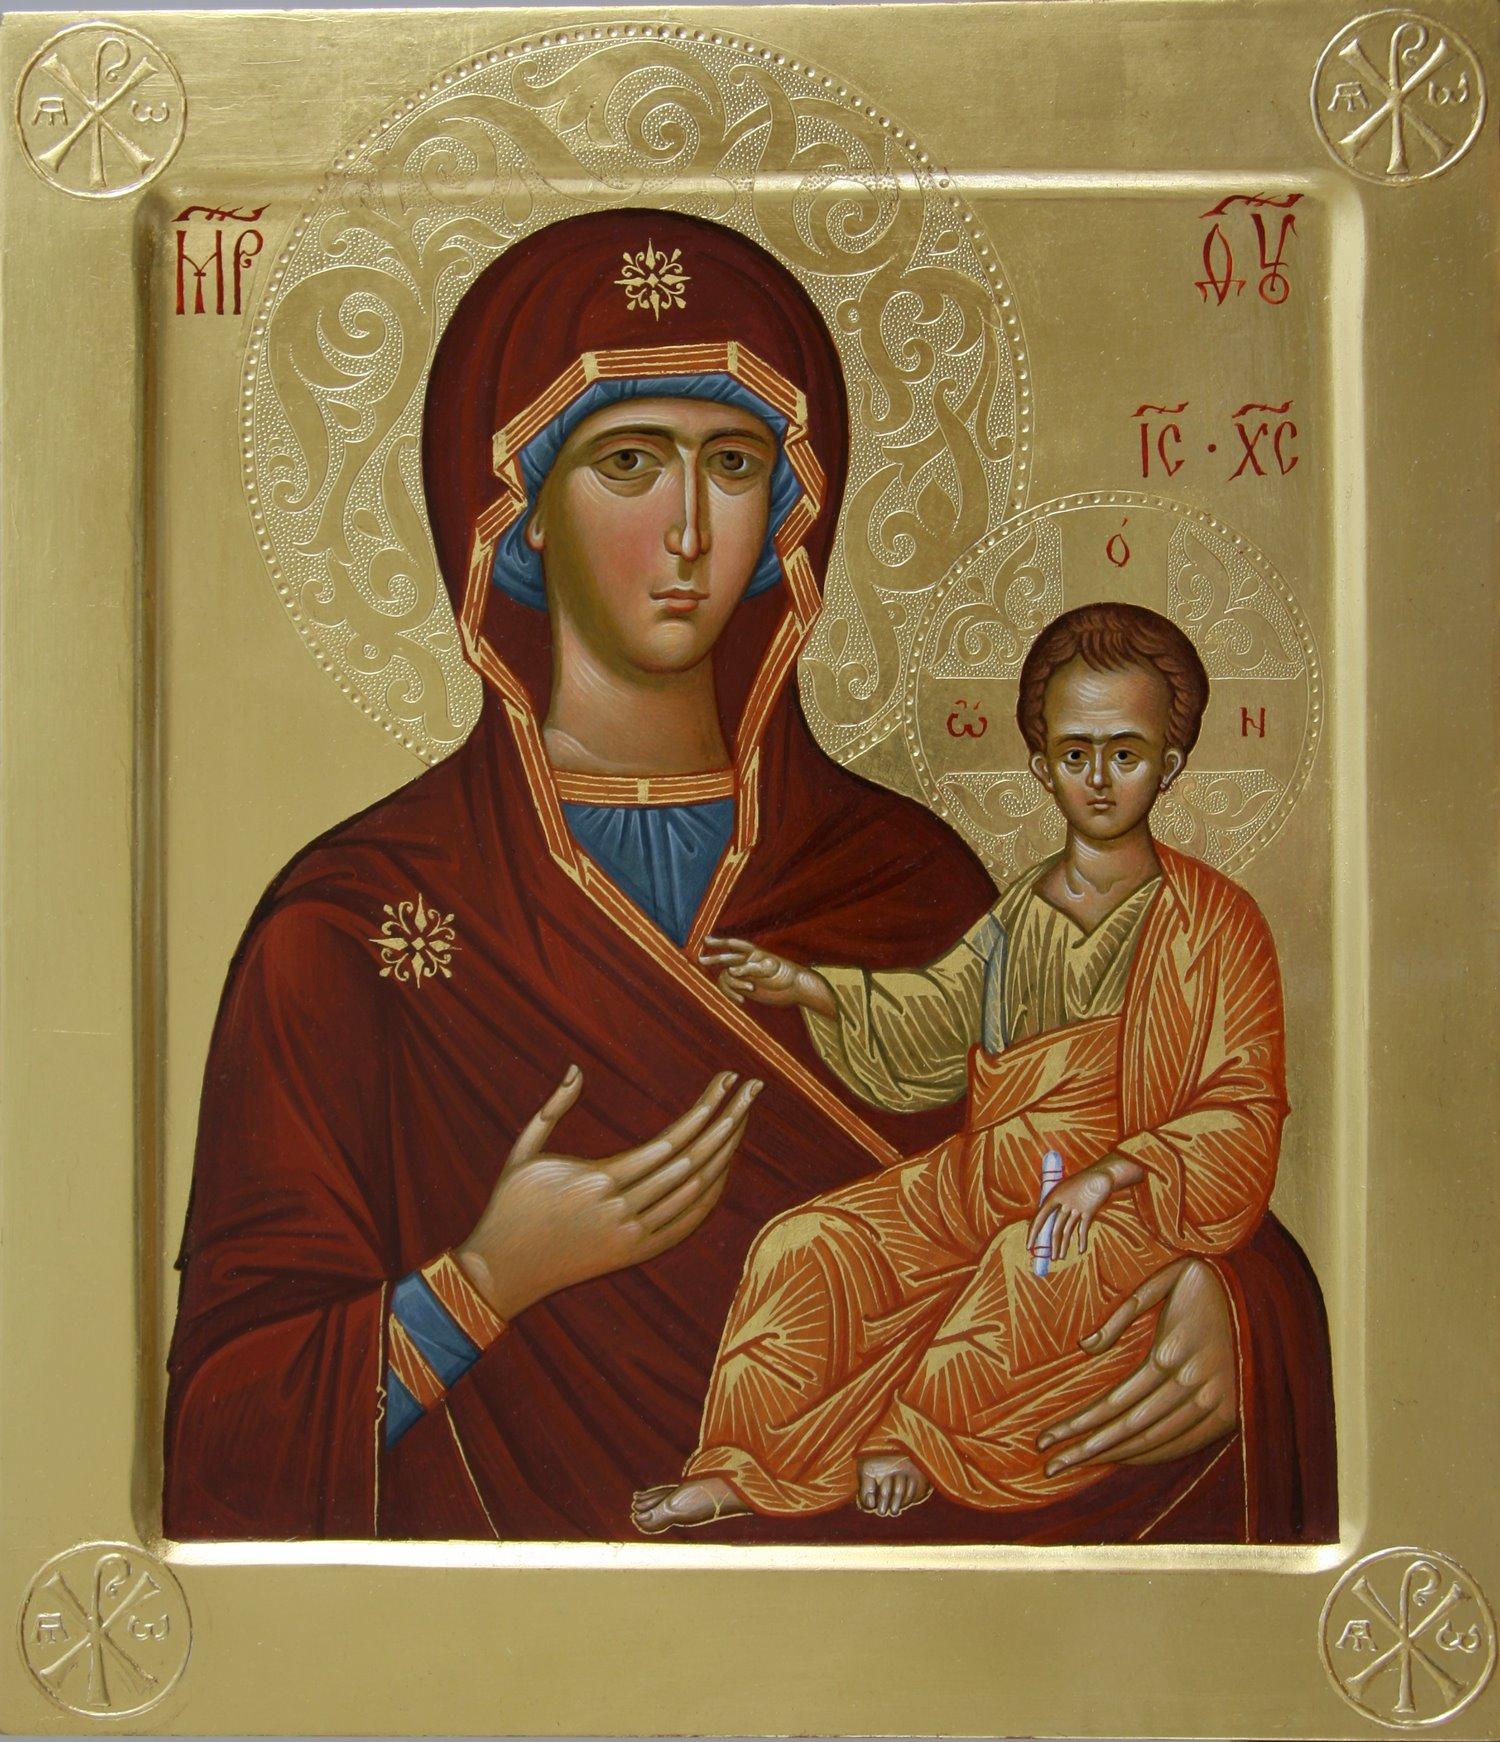 Днем, с праздником смоленской иконы божией матери картинки